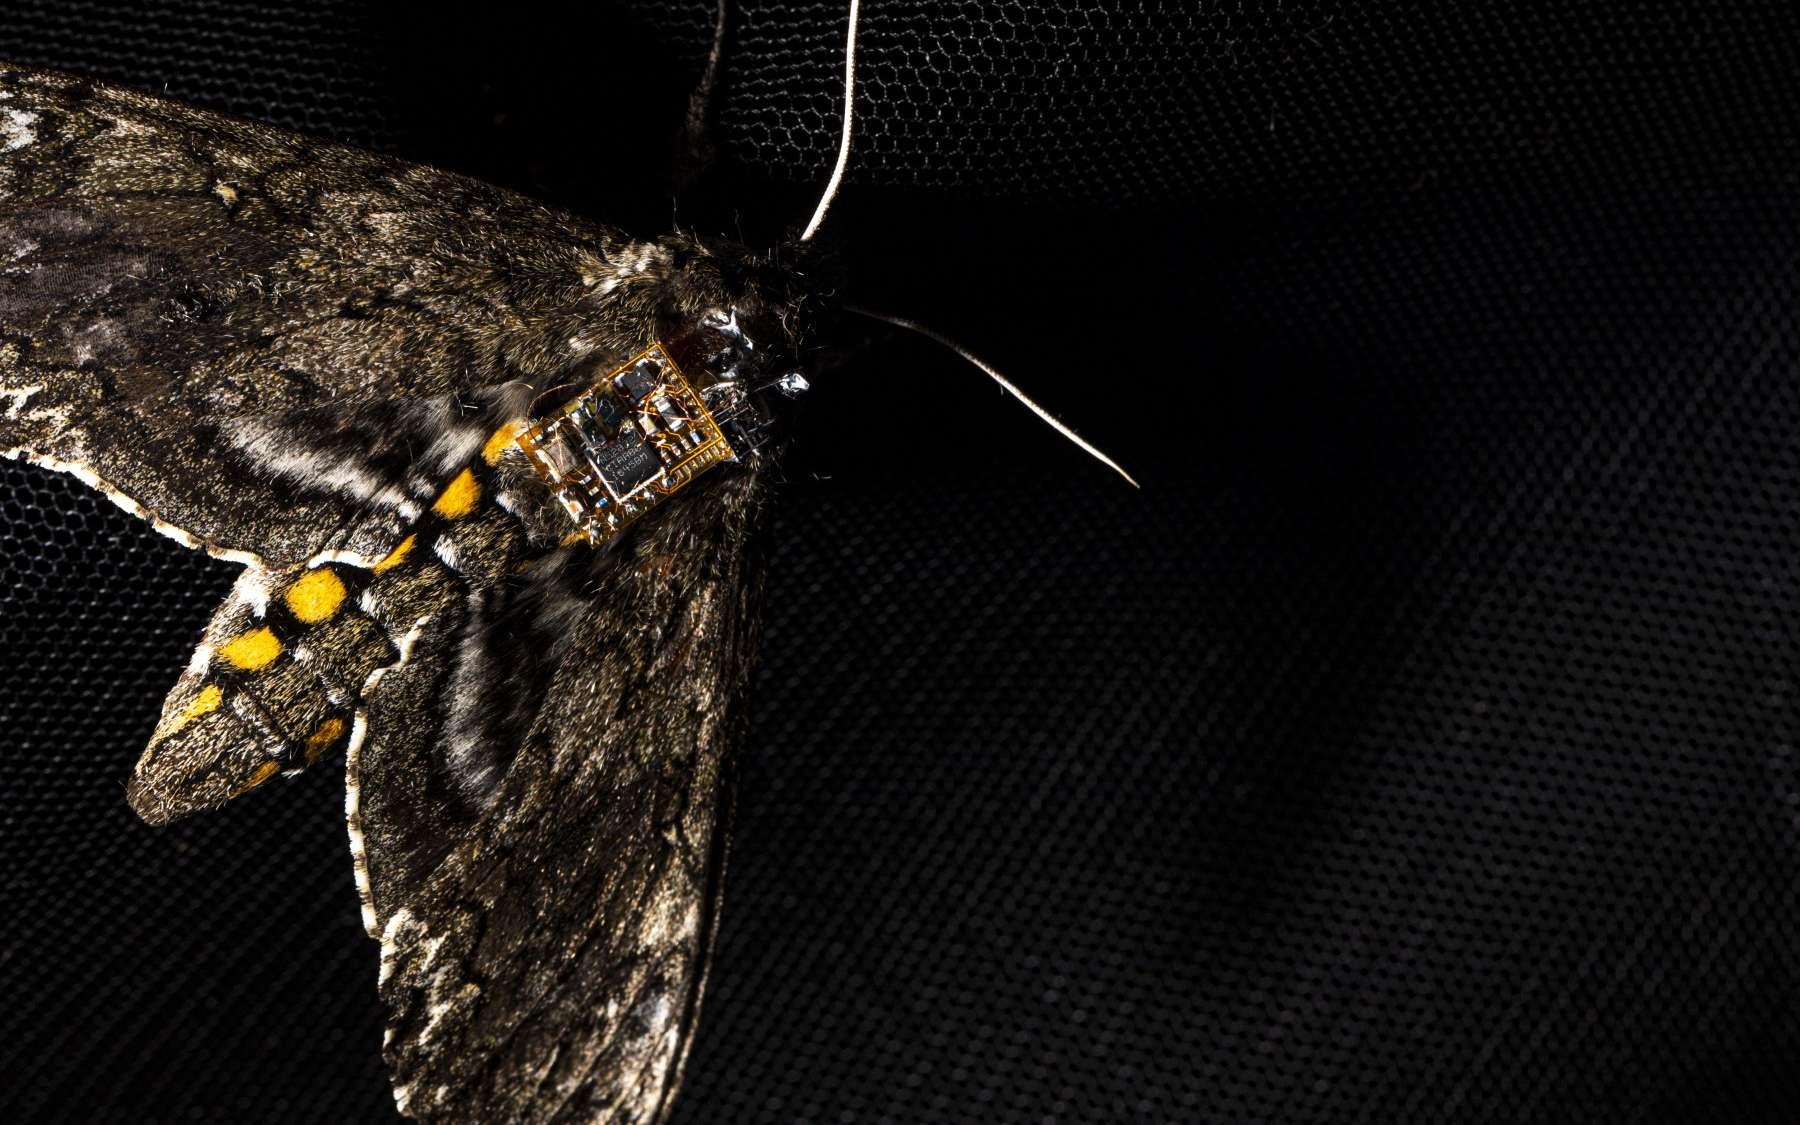 Le capteur est tellement petit et léger qu'il peut être transporté par un papillon de nuit. © Mark Stone, University of Washington